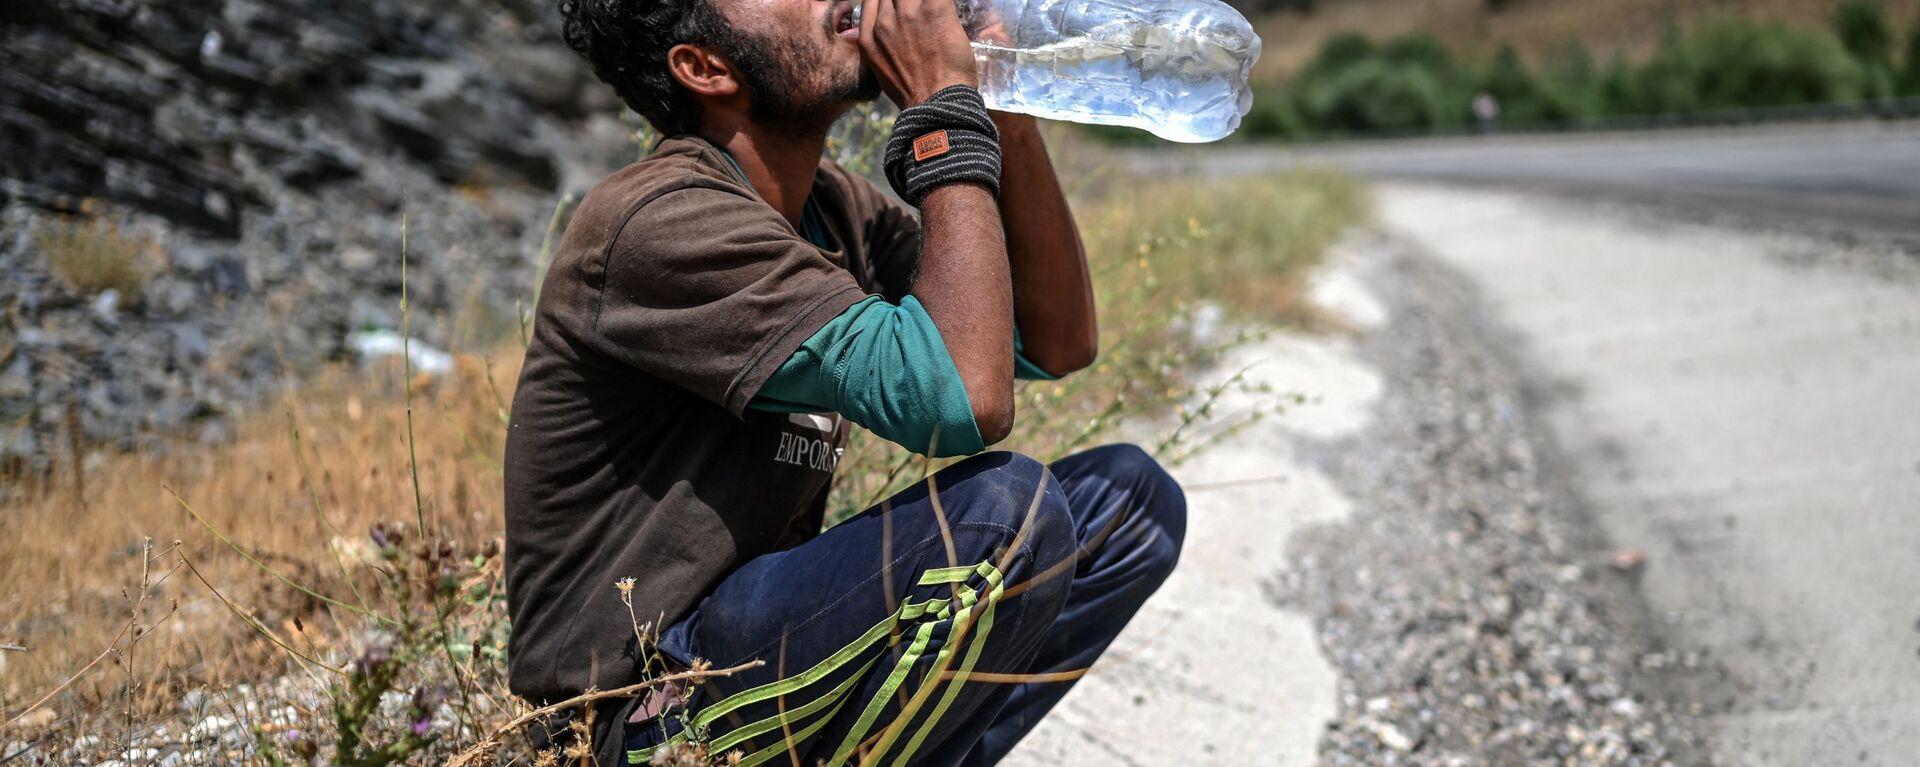 Афганский мигрант пьет воду в Татване - Sputnik Ўзбекистон, 1920, 16.09.2021